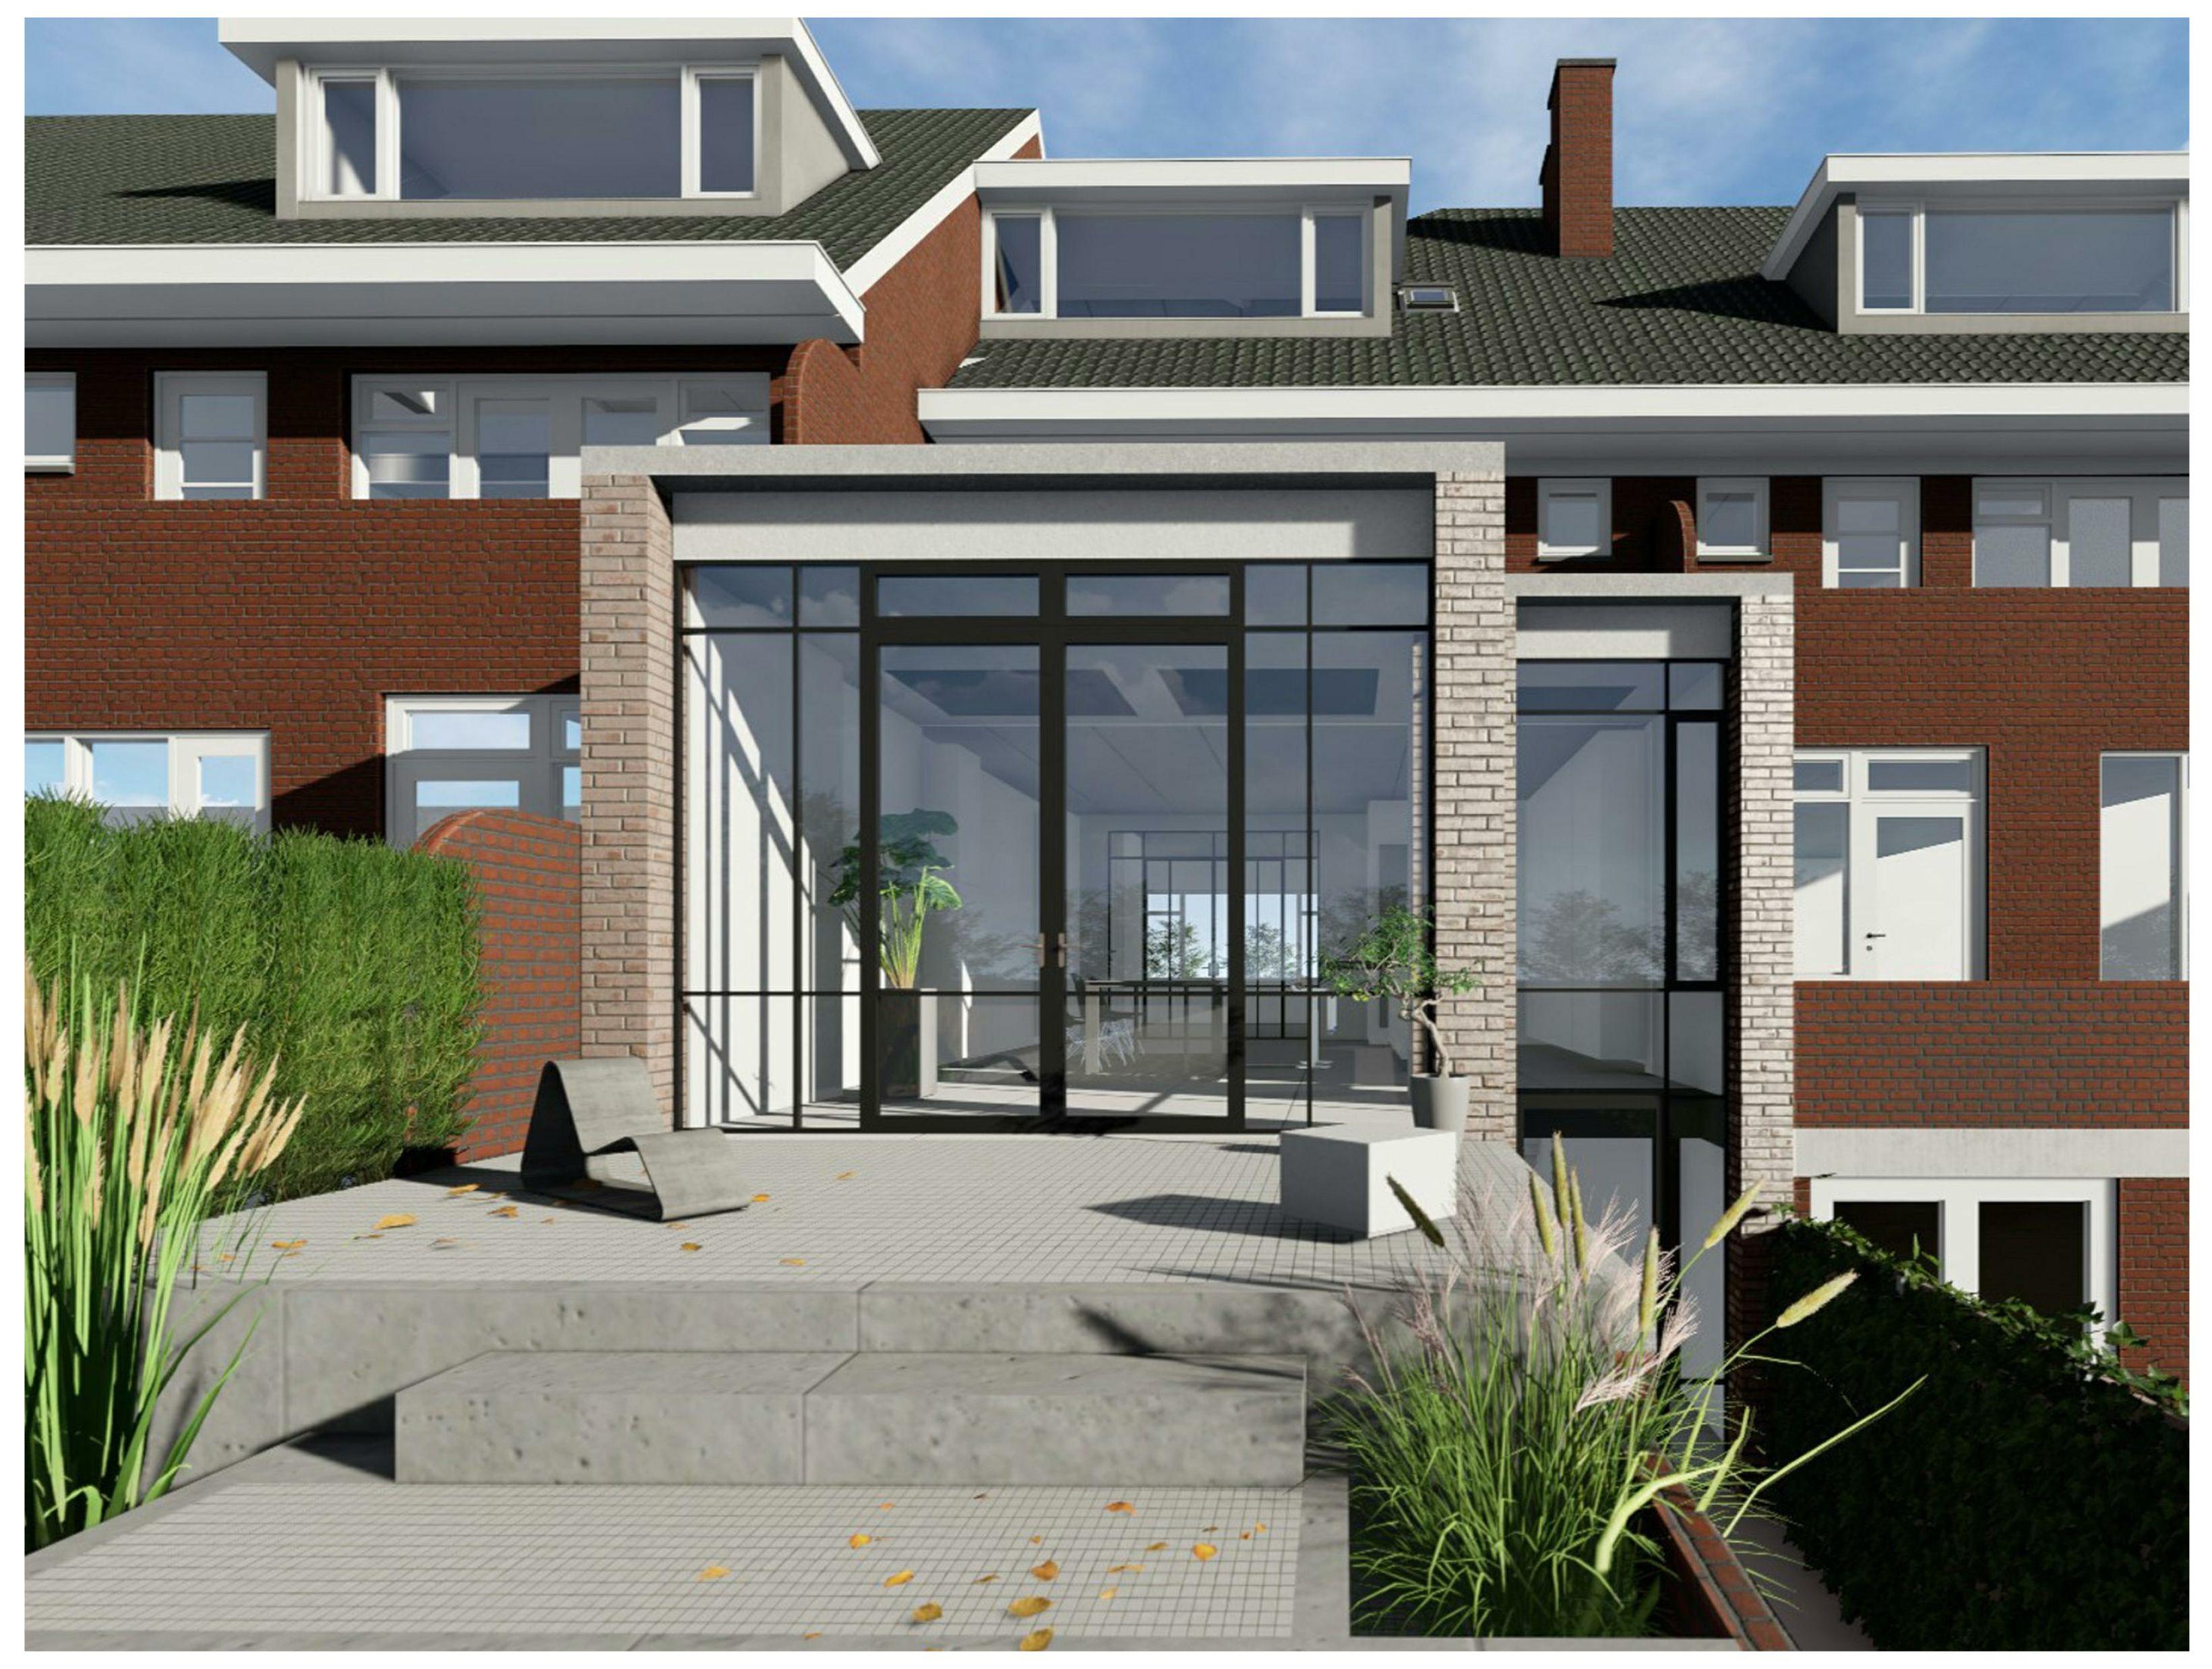 47 Ideeen Over Aanbouw Huis Huisaanbouw Woningaanbouw